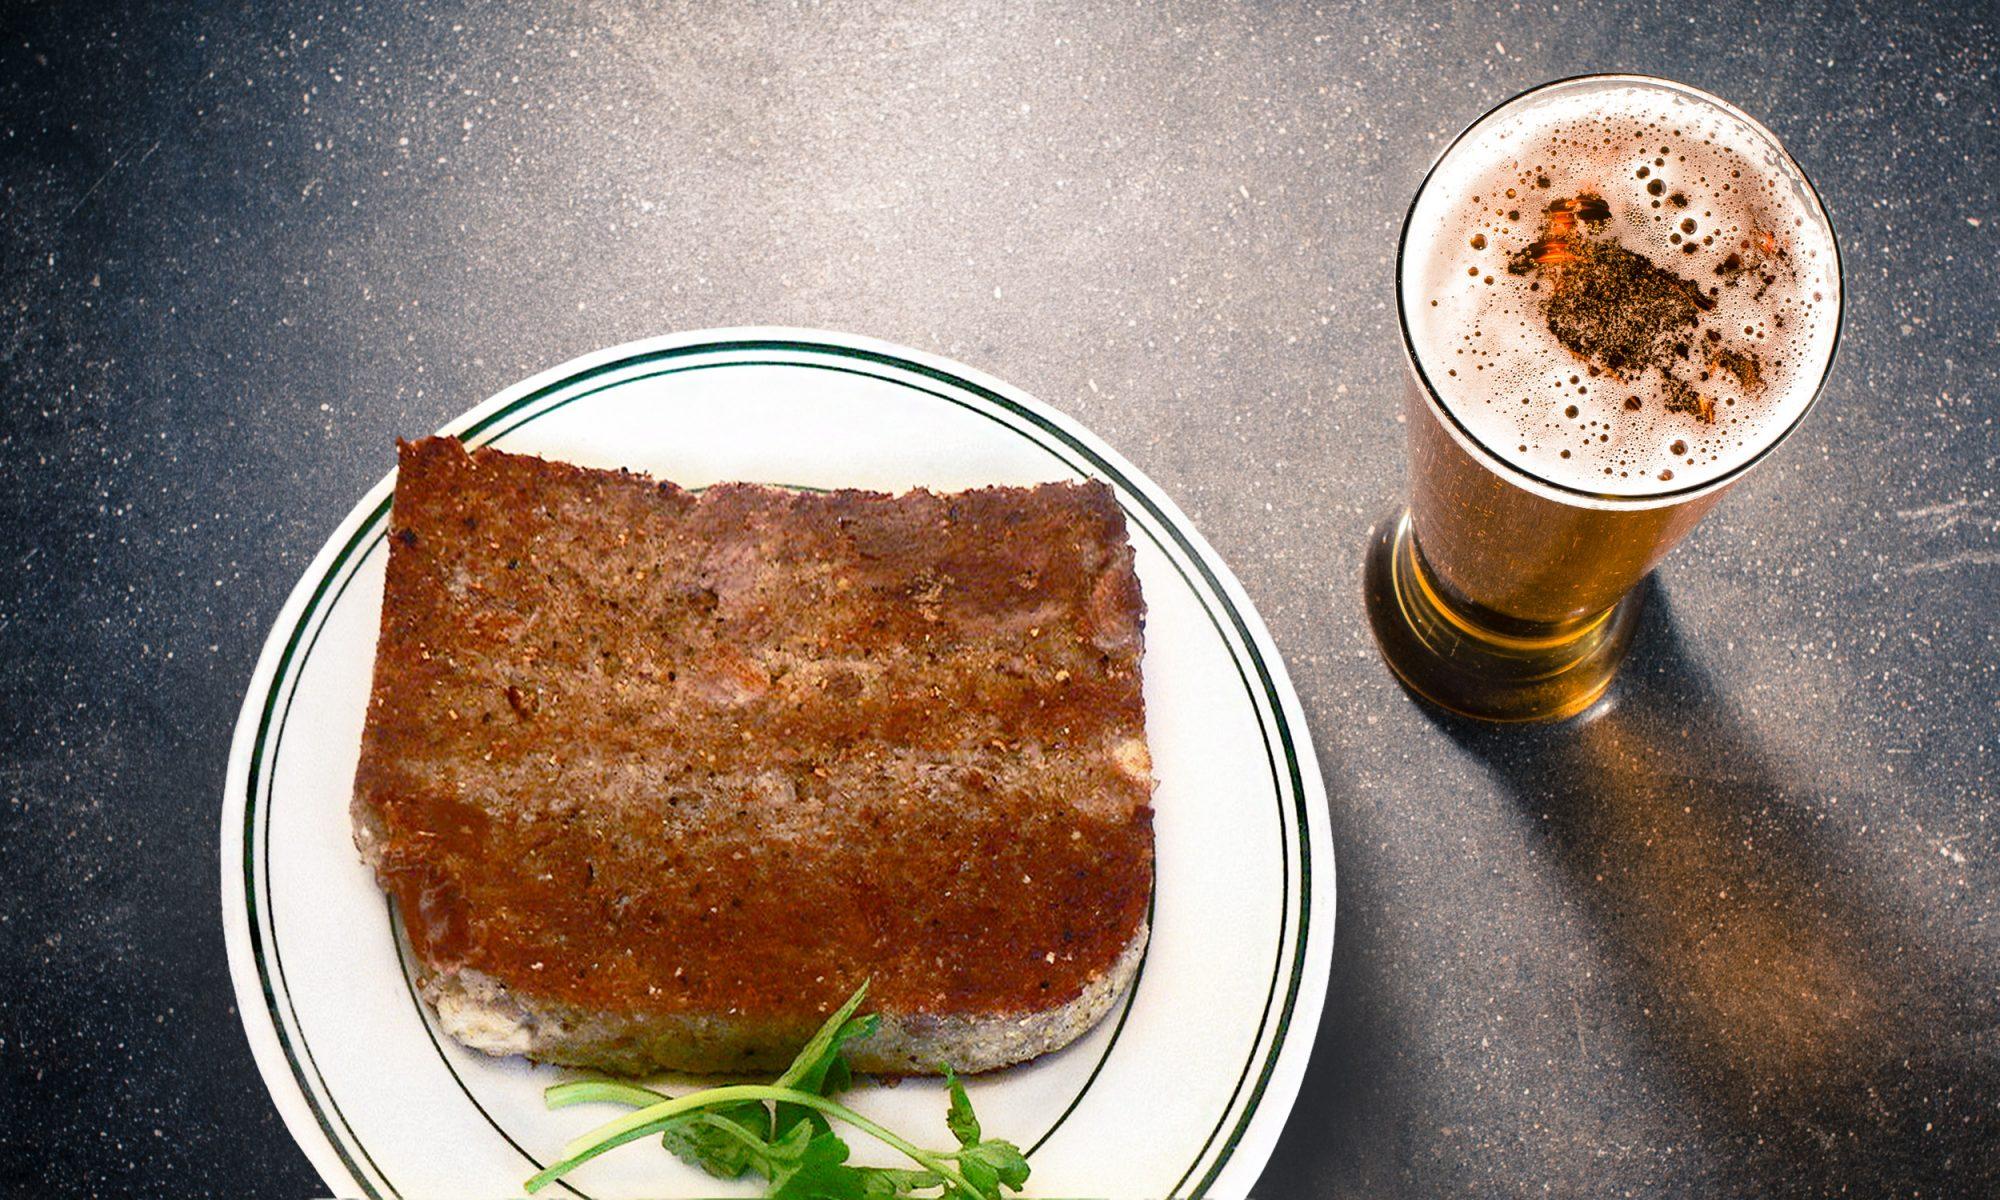 EC: Dogfish Head Scrapple Beer Is the Real Liquid Breakfast